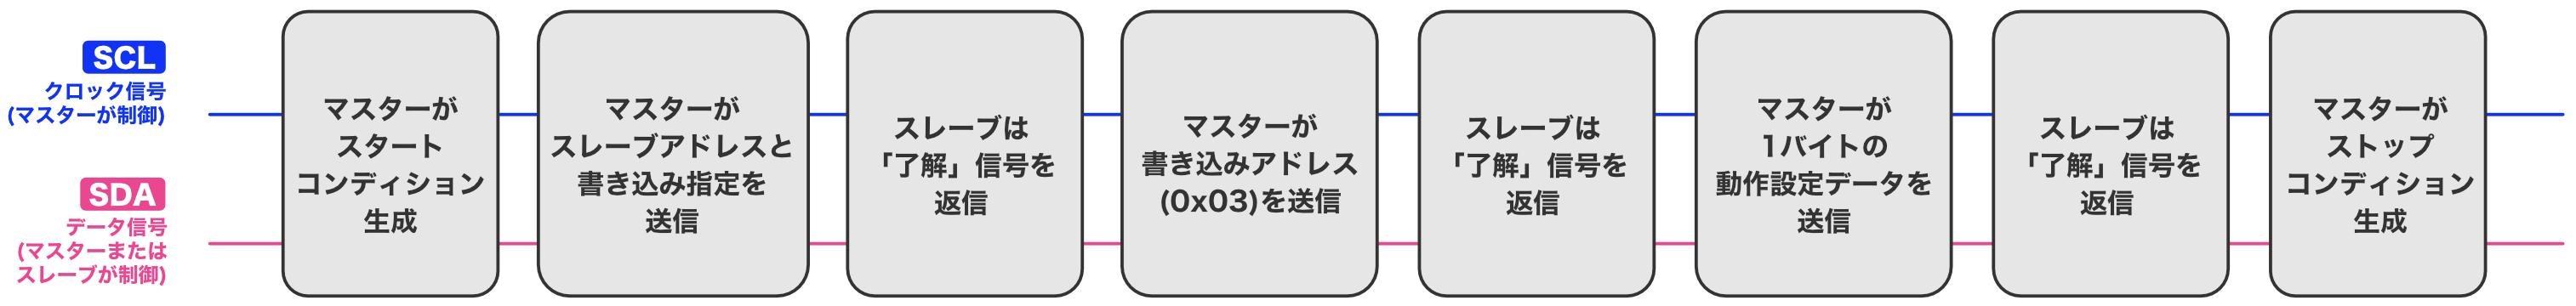 Pic practice 47 i2c configuration